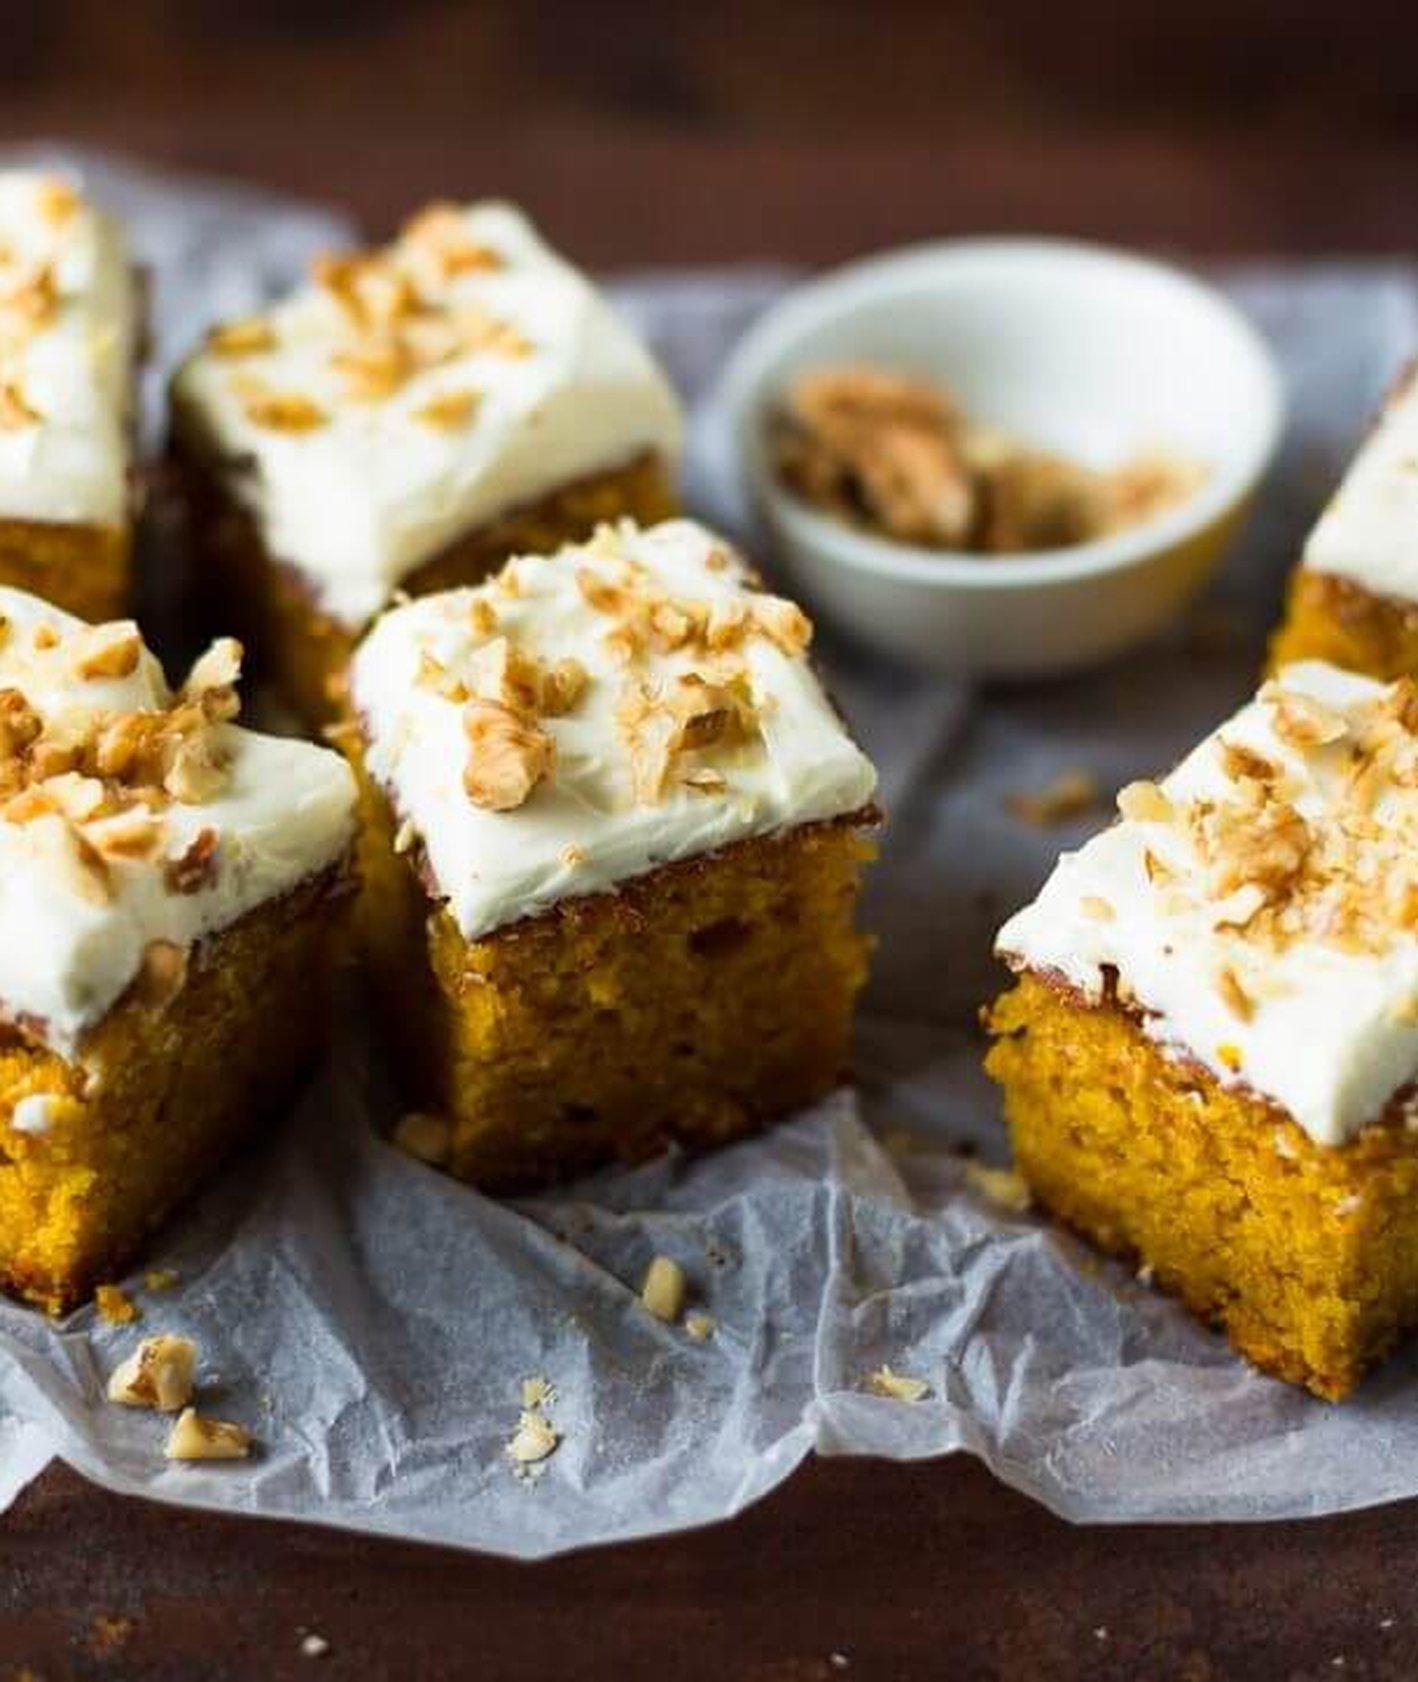 ciasto dyniowe, puree dyniowe, ciasto z kremem, szybkie ciasto, ciasto na niedzielę, ciasto z orzechami, ciasto ucierane, szybki deser, ciasto warzywne, zdrowe ciasto, zdrowe słodycze